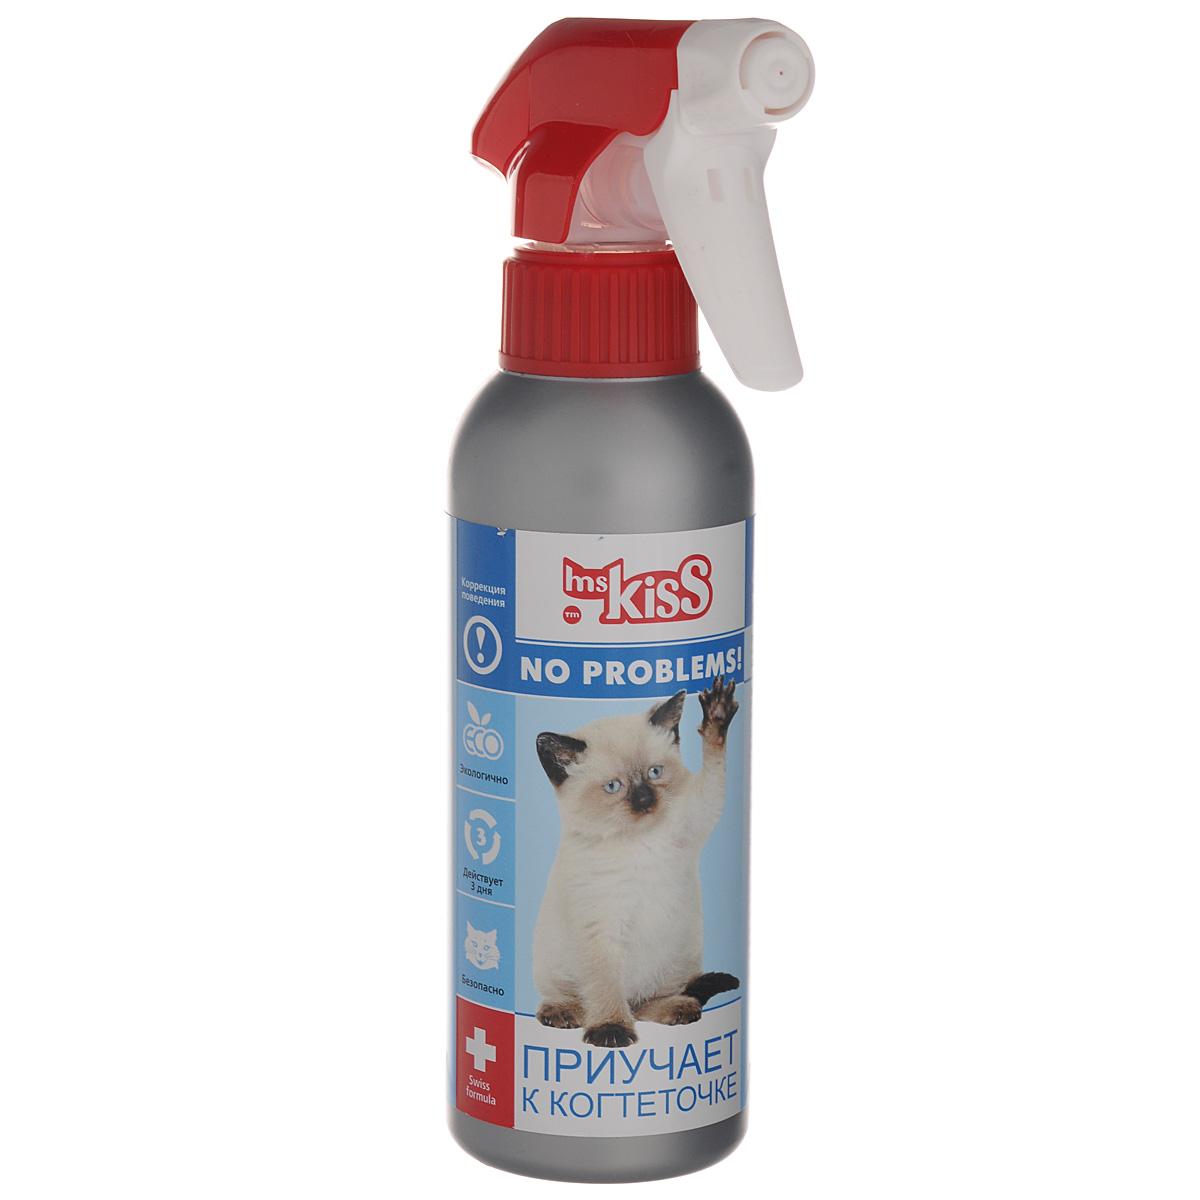 Спрей зоогигиенический для кошек Ms.Kiss Приучает к когтеточке, 200 мл12171996Средство для кошек Ms.Kiss Приучает к когтеточке поможет справиться с вредной привычкой домашней любимицы поточить свои когти об обои и мебель. Спрей предназначен для облегчения ухода за котятами и взрослыми кошками. После его использования ваша киска будет точить когти только в положенном месте. Способ применения: Встряхнуть флакон перед применением. Обработать спреем соответствующие места и предметы. Дать обнюхать когтеточку. Обработку повторять по мере необходимости. Помните, главным при обучении питомиц является постоянство ваших усилий, терпение и комплексный подход. Меры предосторожности: Избегать попадания в глаза. После обработки вымыть руки с мылом. Хранить отдельно от пищевых продуктов, в местах, недоступных детям и домашним животным при температуре от -5°С до +30°С. Использовать только по назначению. Состав: вода подготовленная, эмульгатор, масло котовника, экстракт валерианы, консерванты. Объем: 200 мл.Товар сертифицирован.